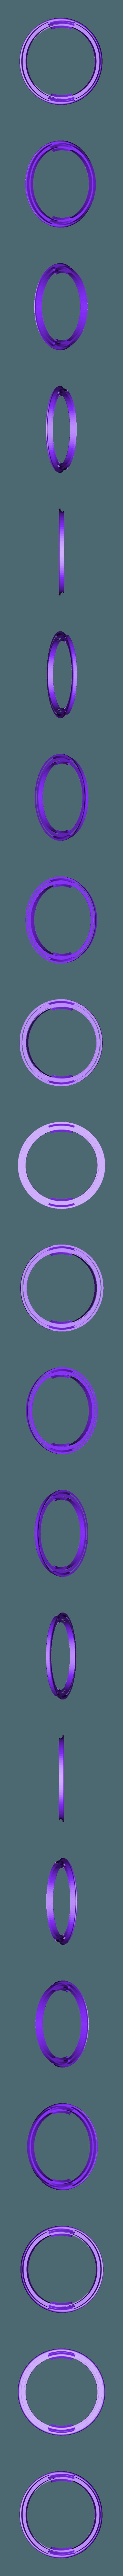 dice-cover.stl Télécharger fichier STL gratuit Rouleau à dés motorisé • Objet pour impression 3D, Adafruit